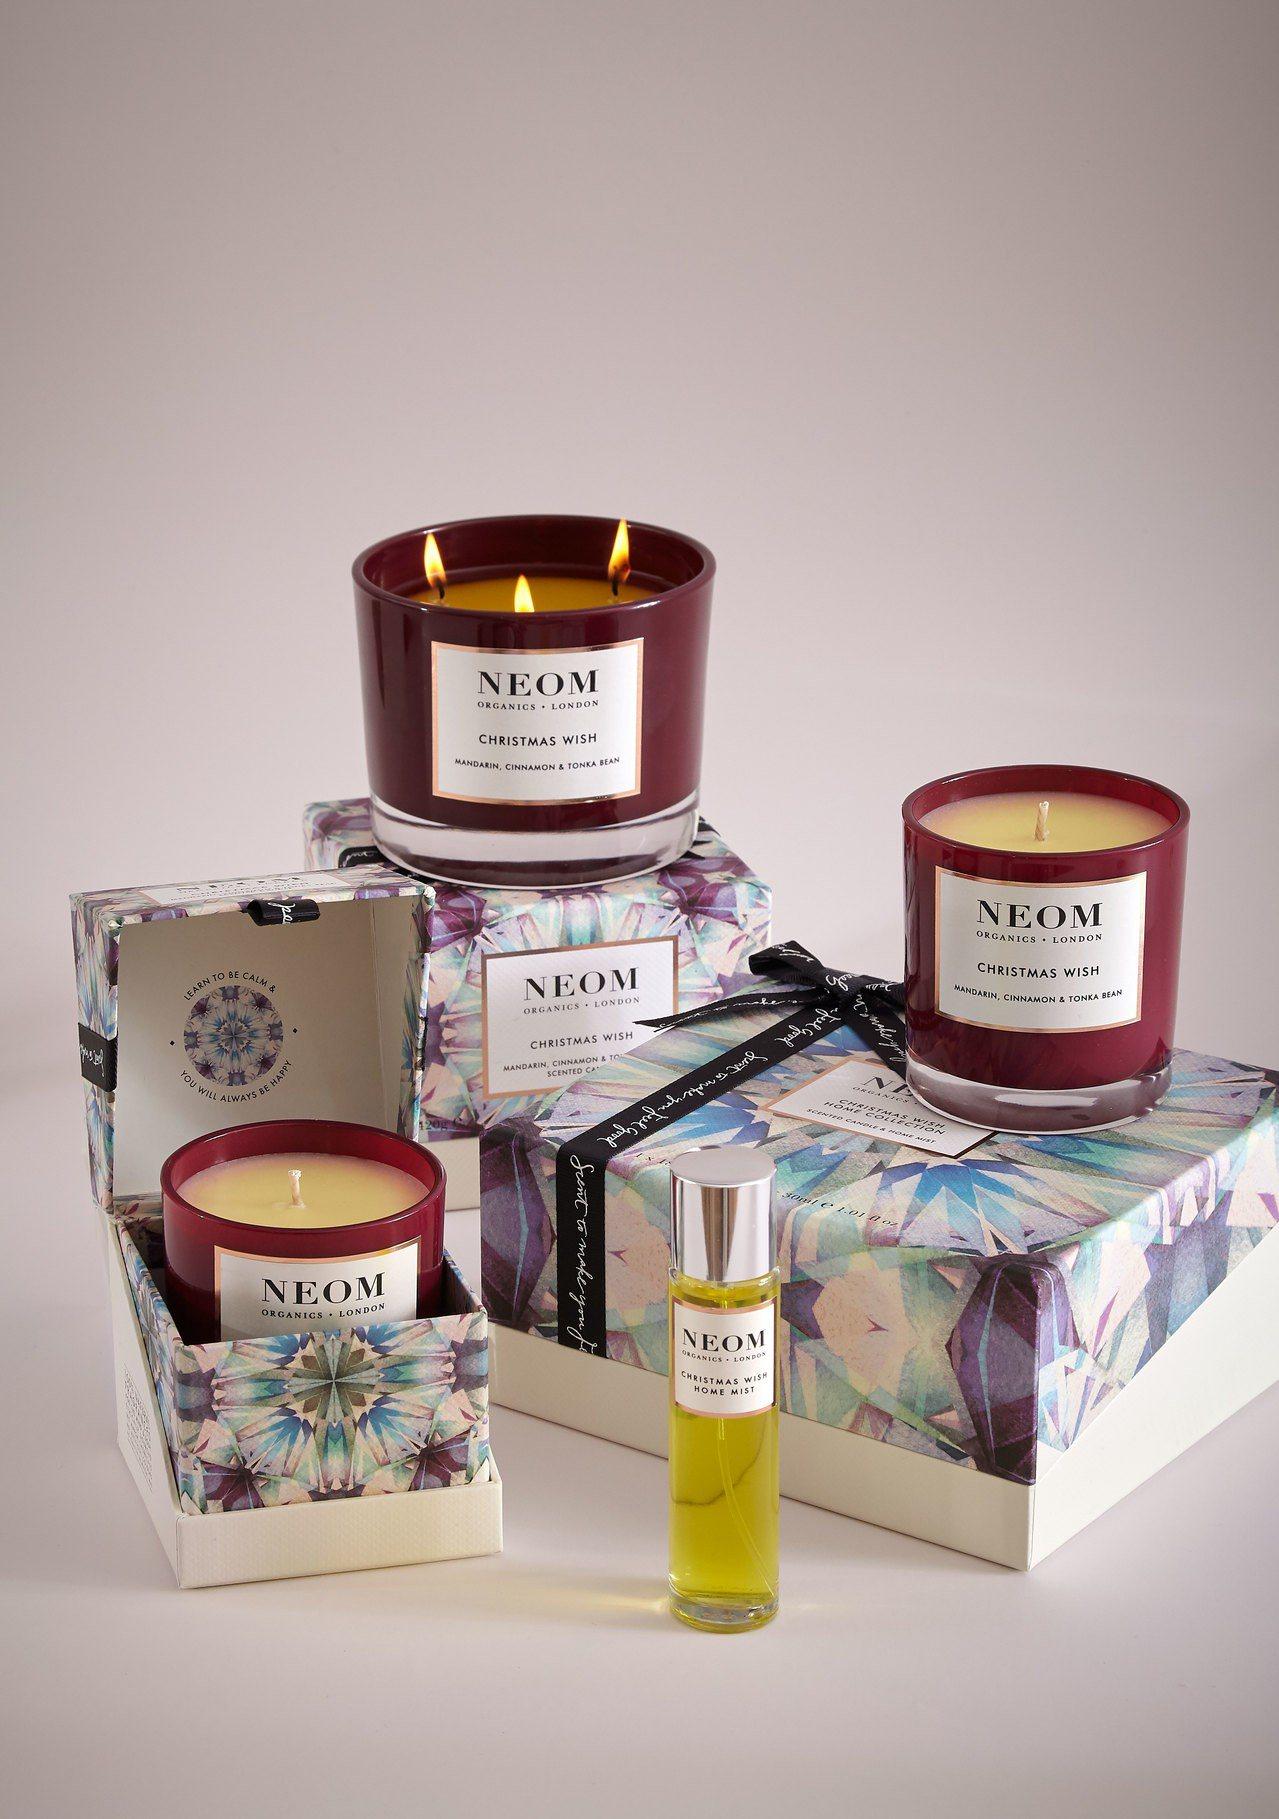 NEOM耶誕祈願豪華蠟燭420g售價2,300元、耶誕祈願標準蠟燭185g售價1...